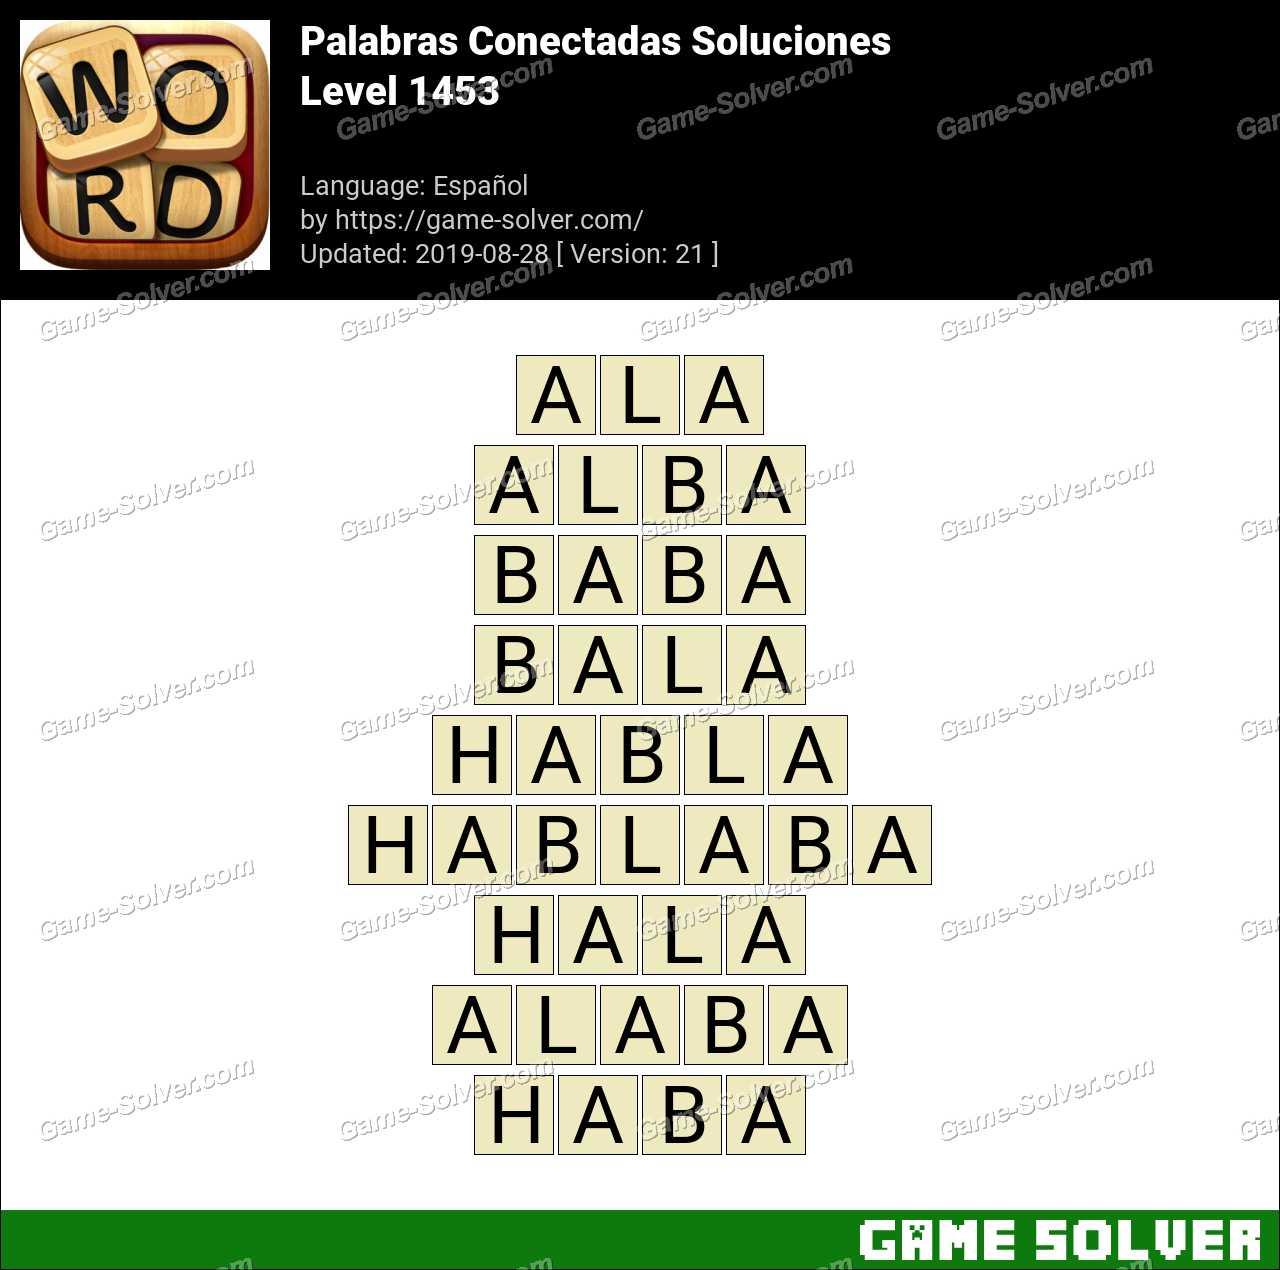 Palabras Conectadas Nivel 1453 Soluciones